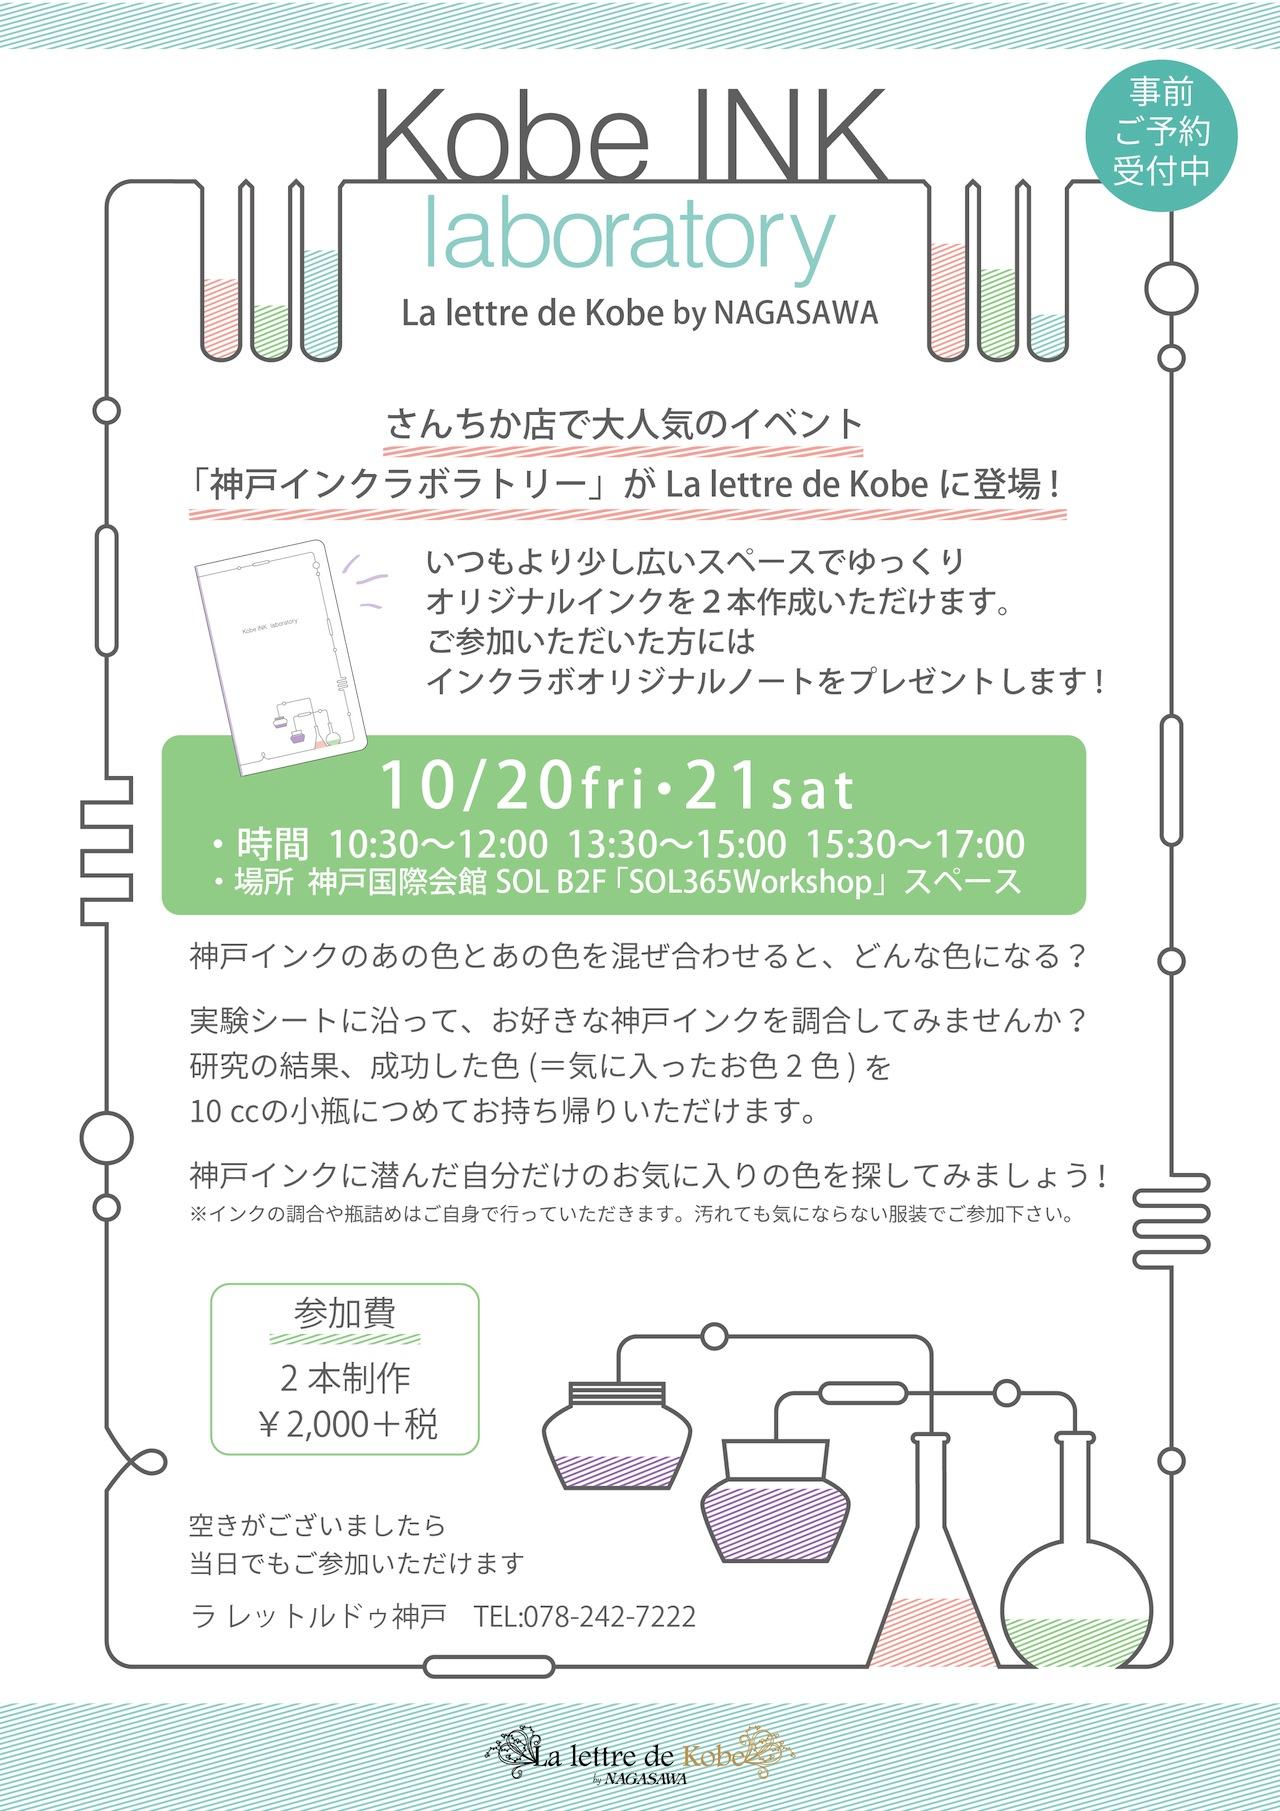 人気のイベント『神戸インクラボラトリー』を三宮の神戸国際会館で開催!